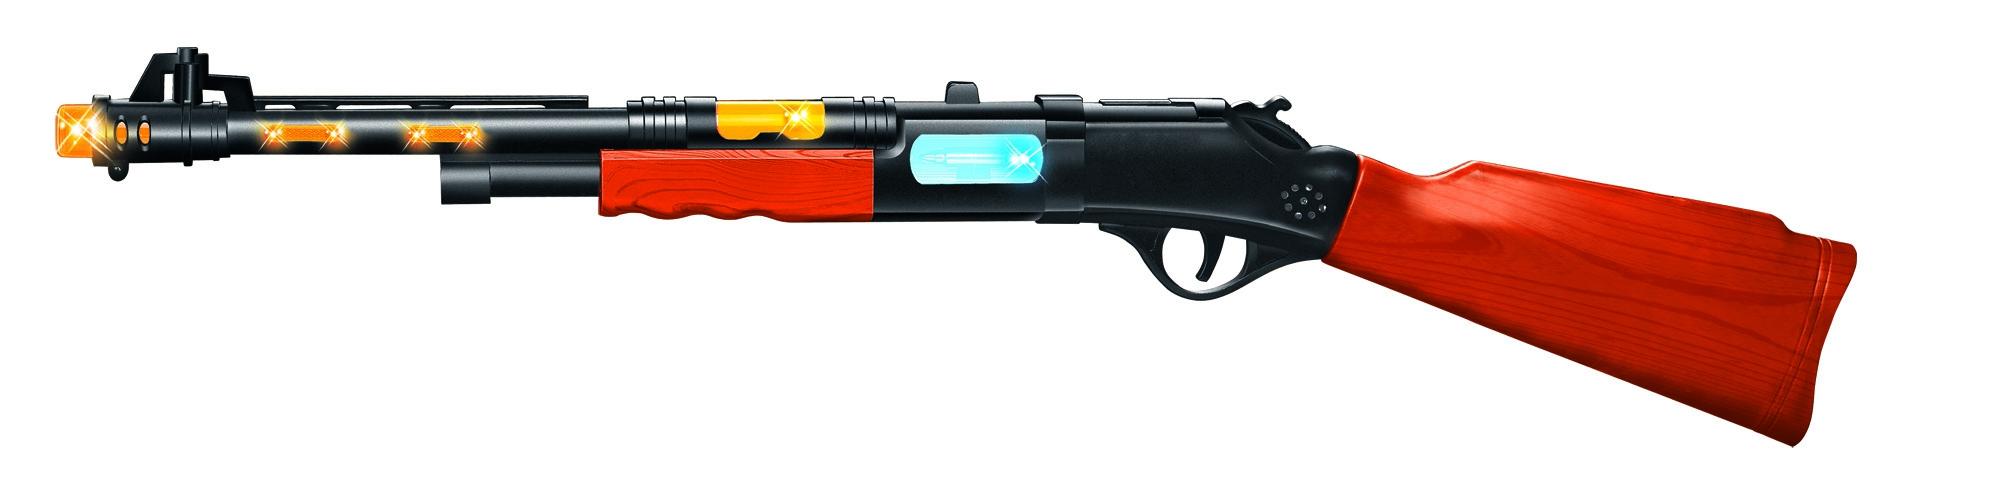 Игрушечное оружие и бластеры ABtoys Ружье охотничье со светом и звуком